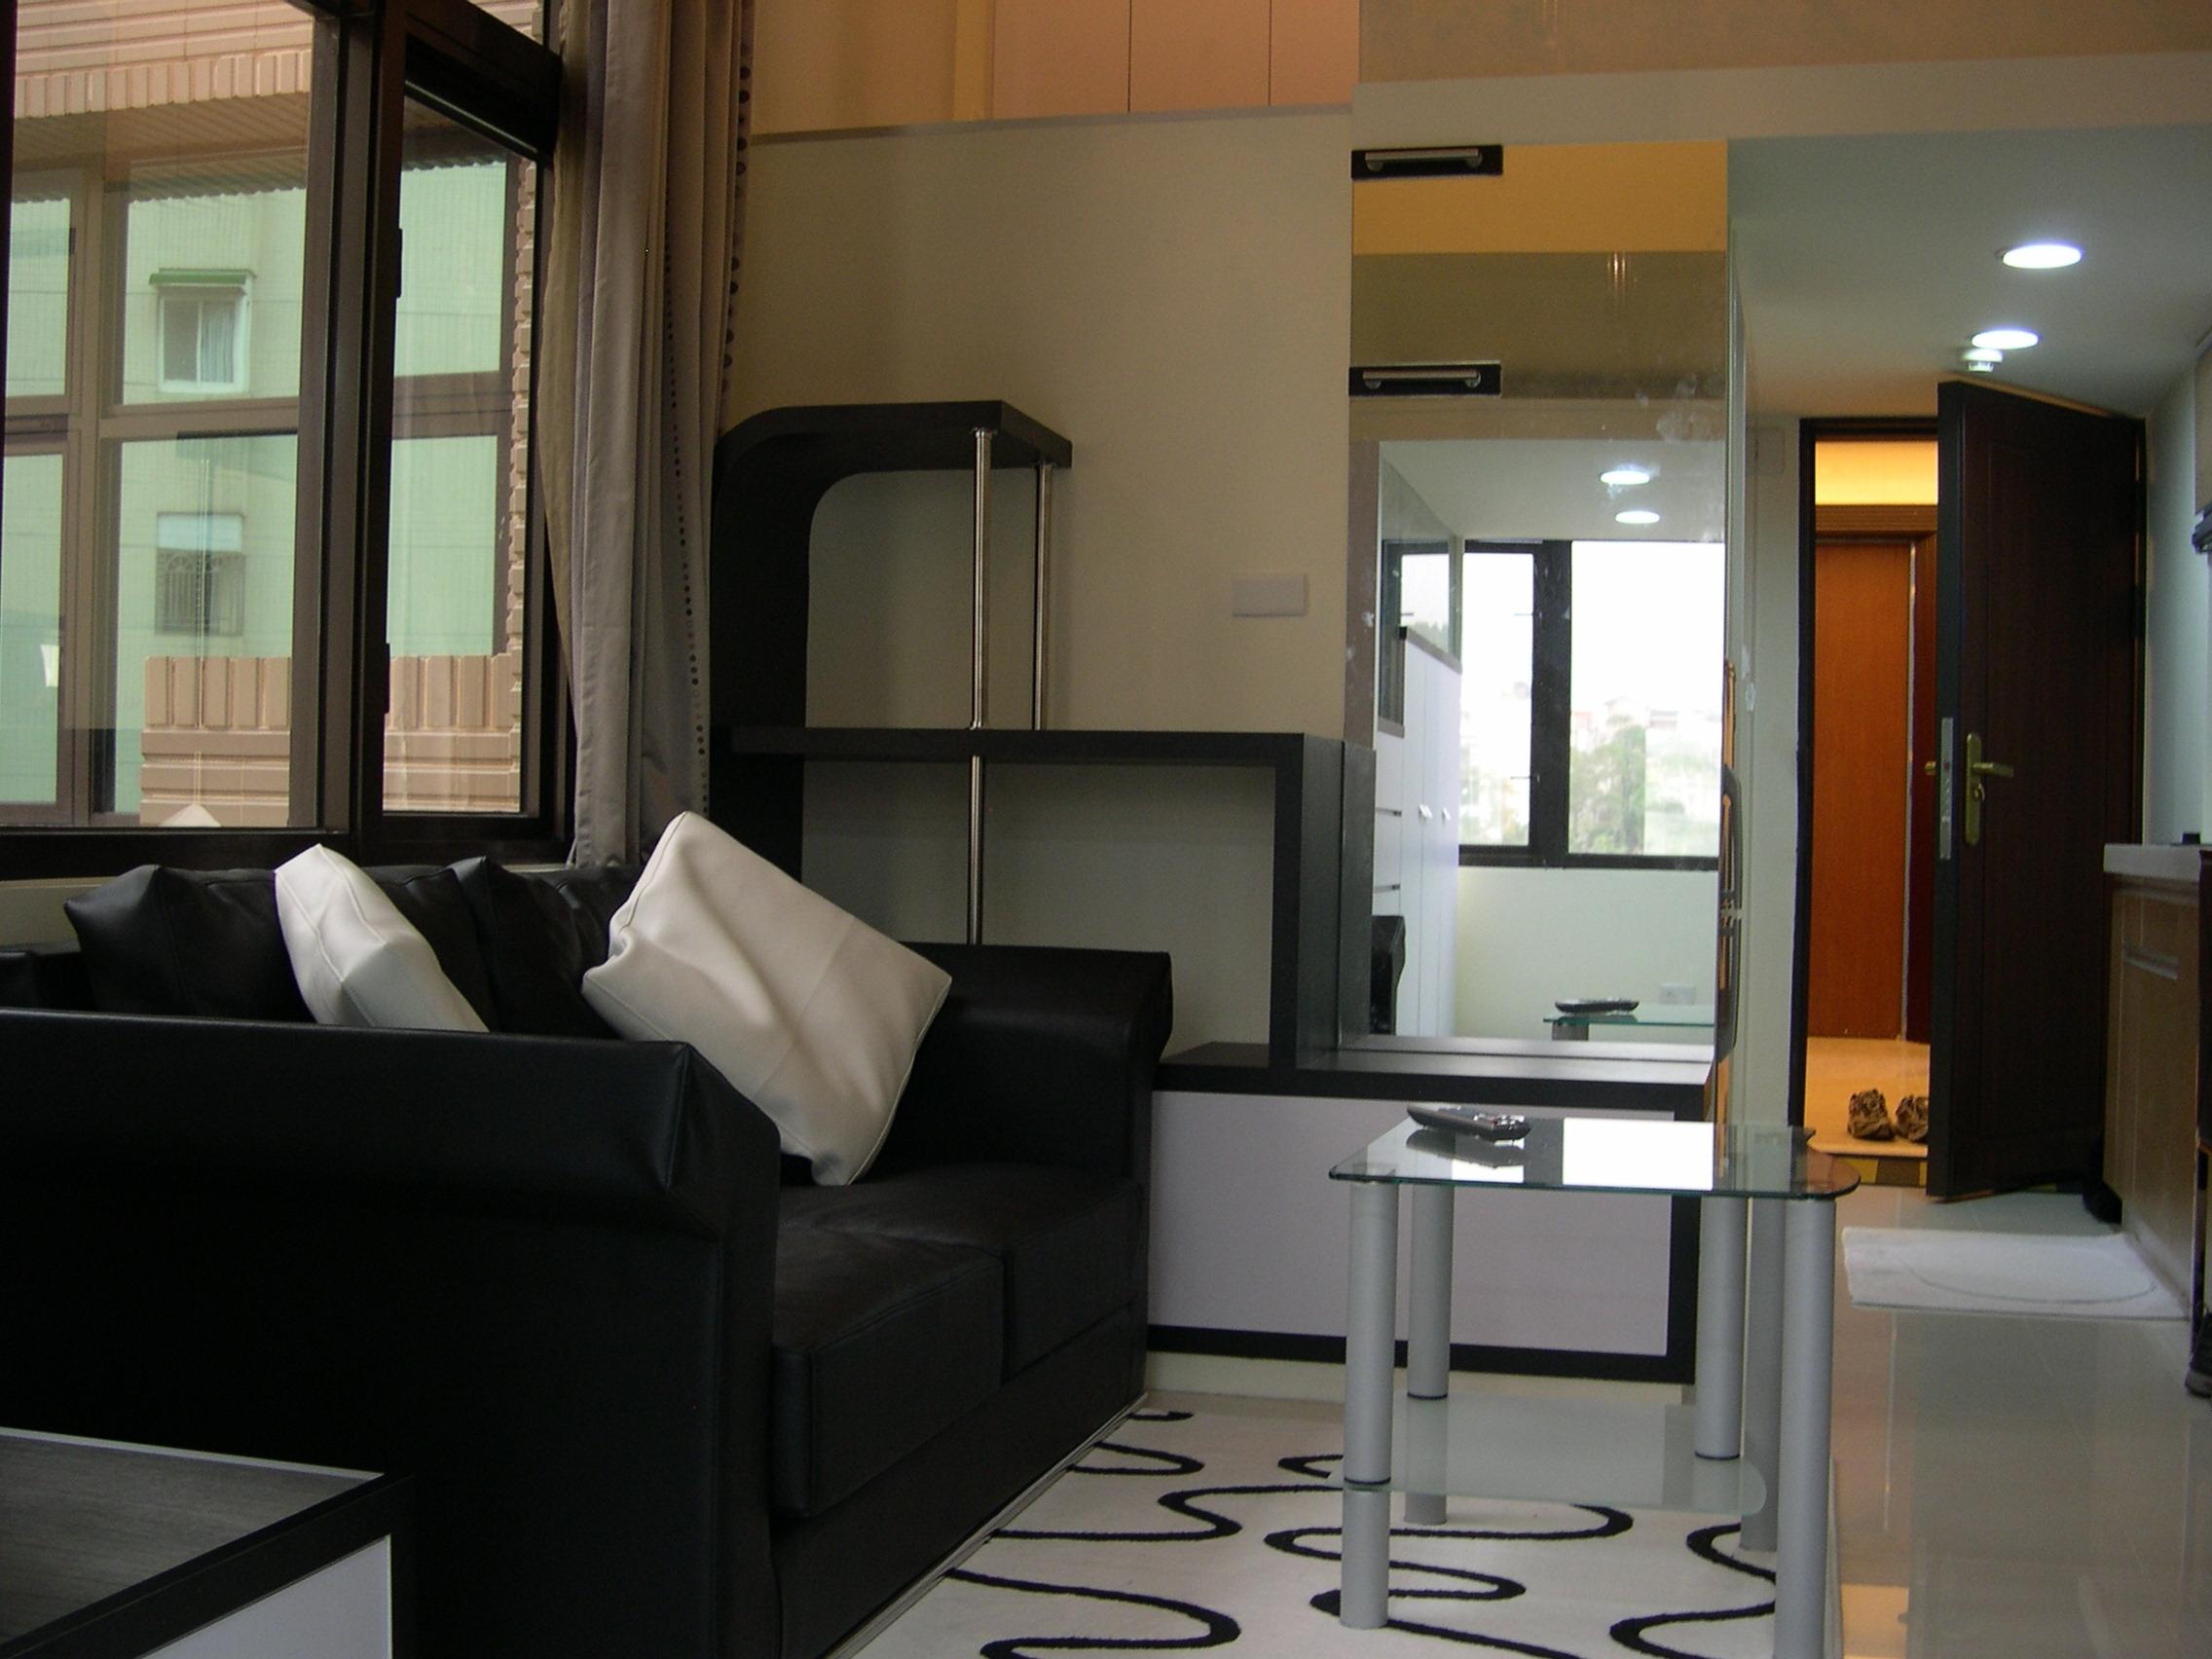 適時地利用鏡子窗造空間感— 在客廳